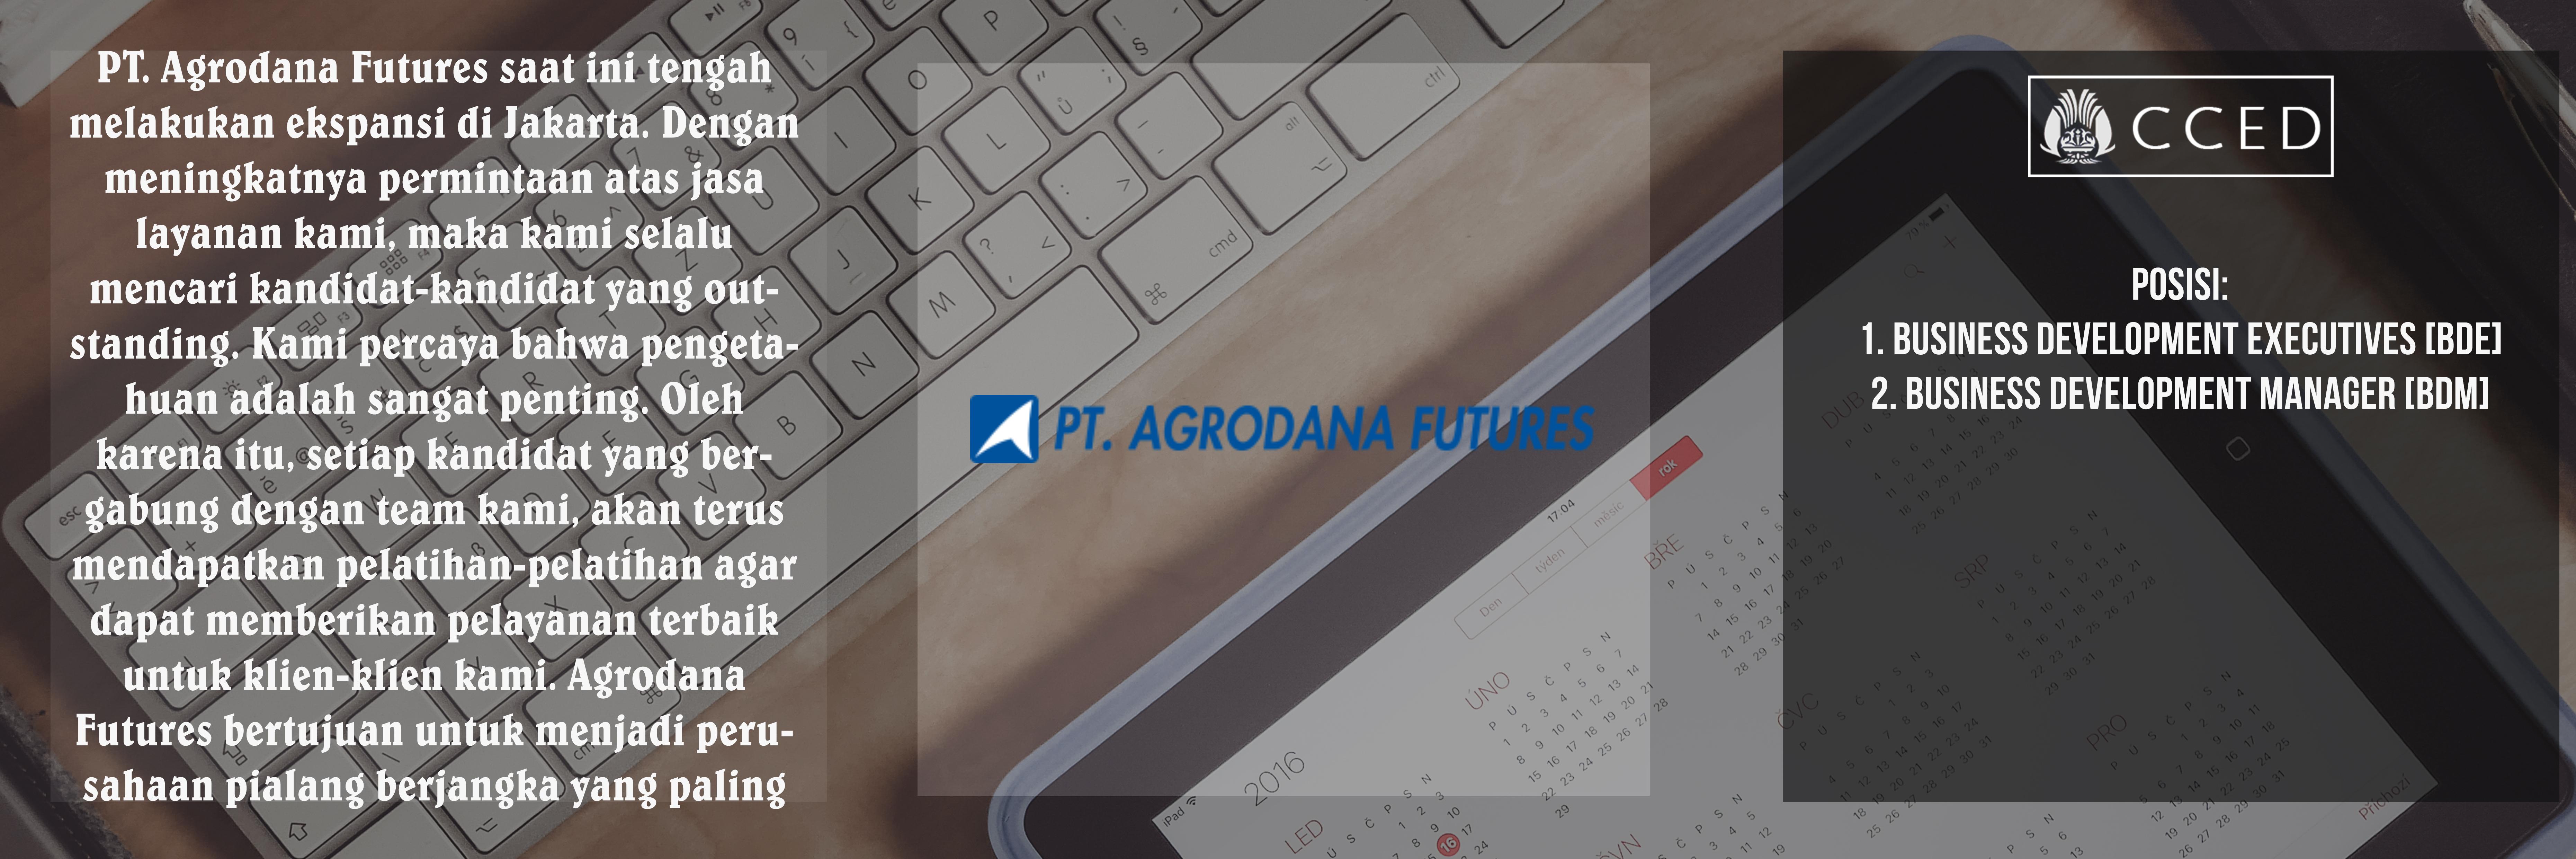 depan-pt-agrodana-futures